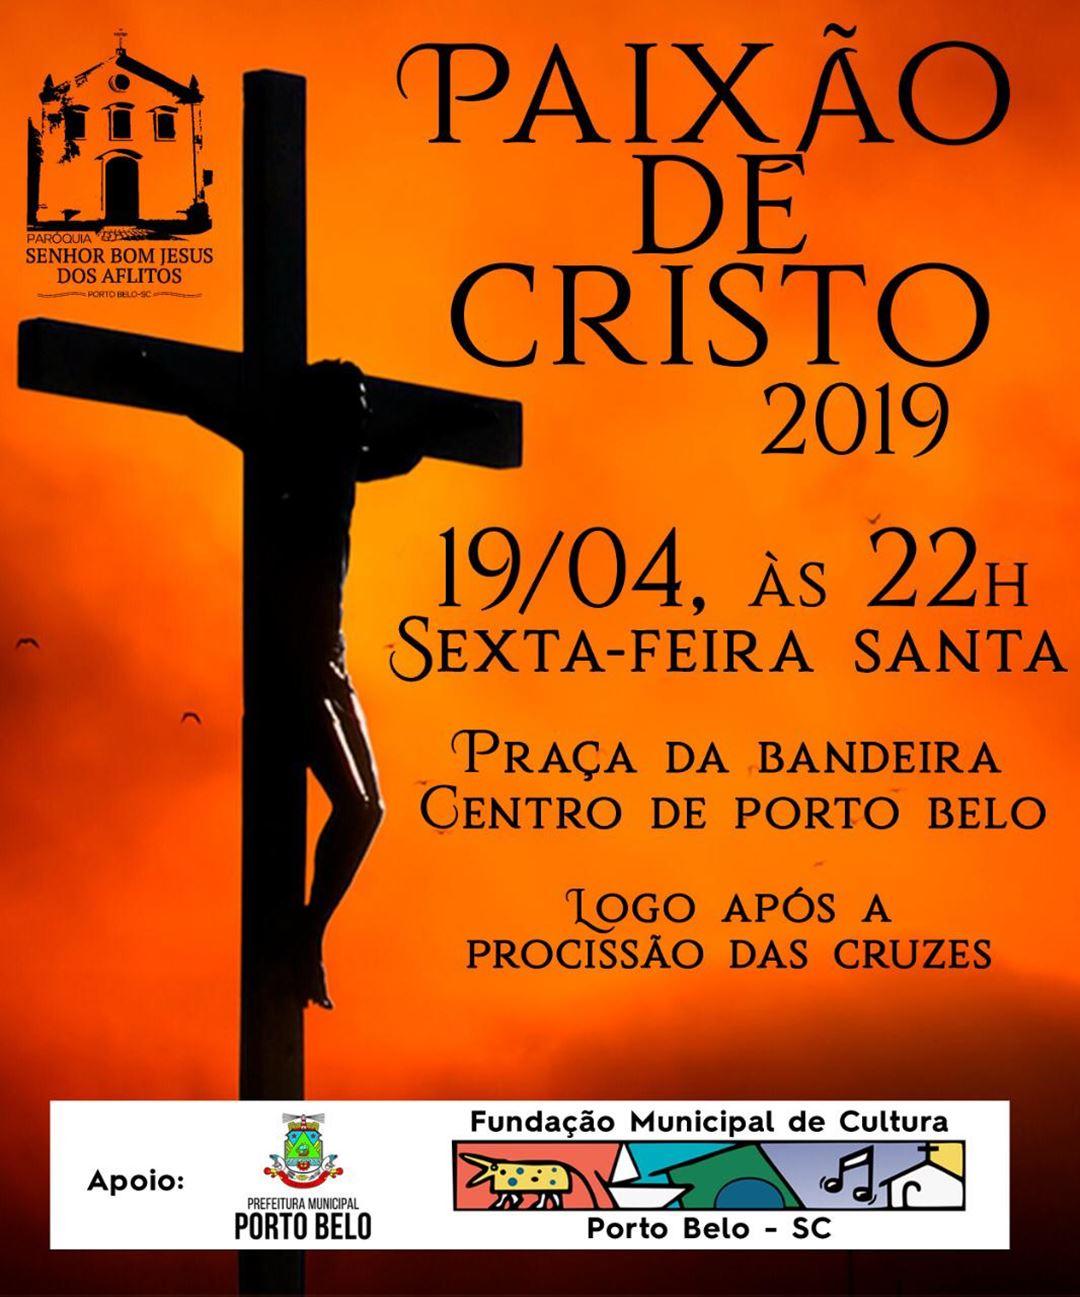 PORTO BELO - Porto Belo terá encenação da Paixão de Cristo